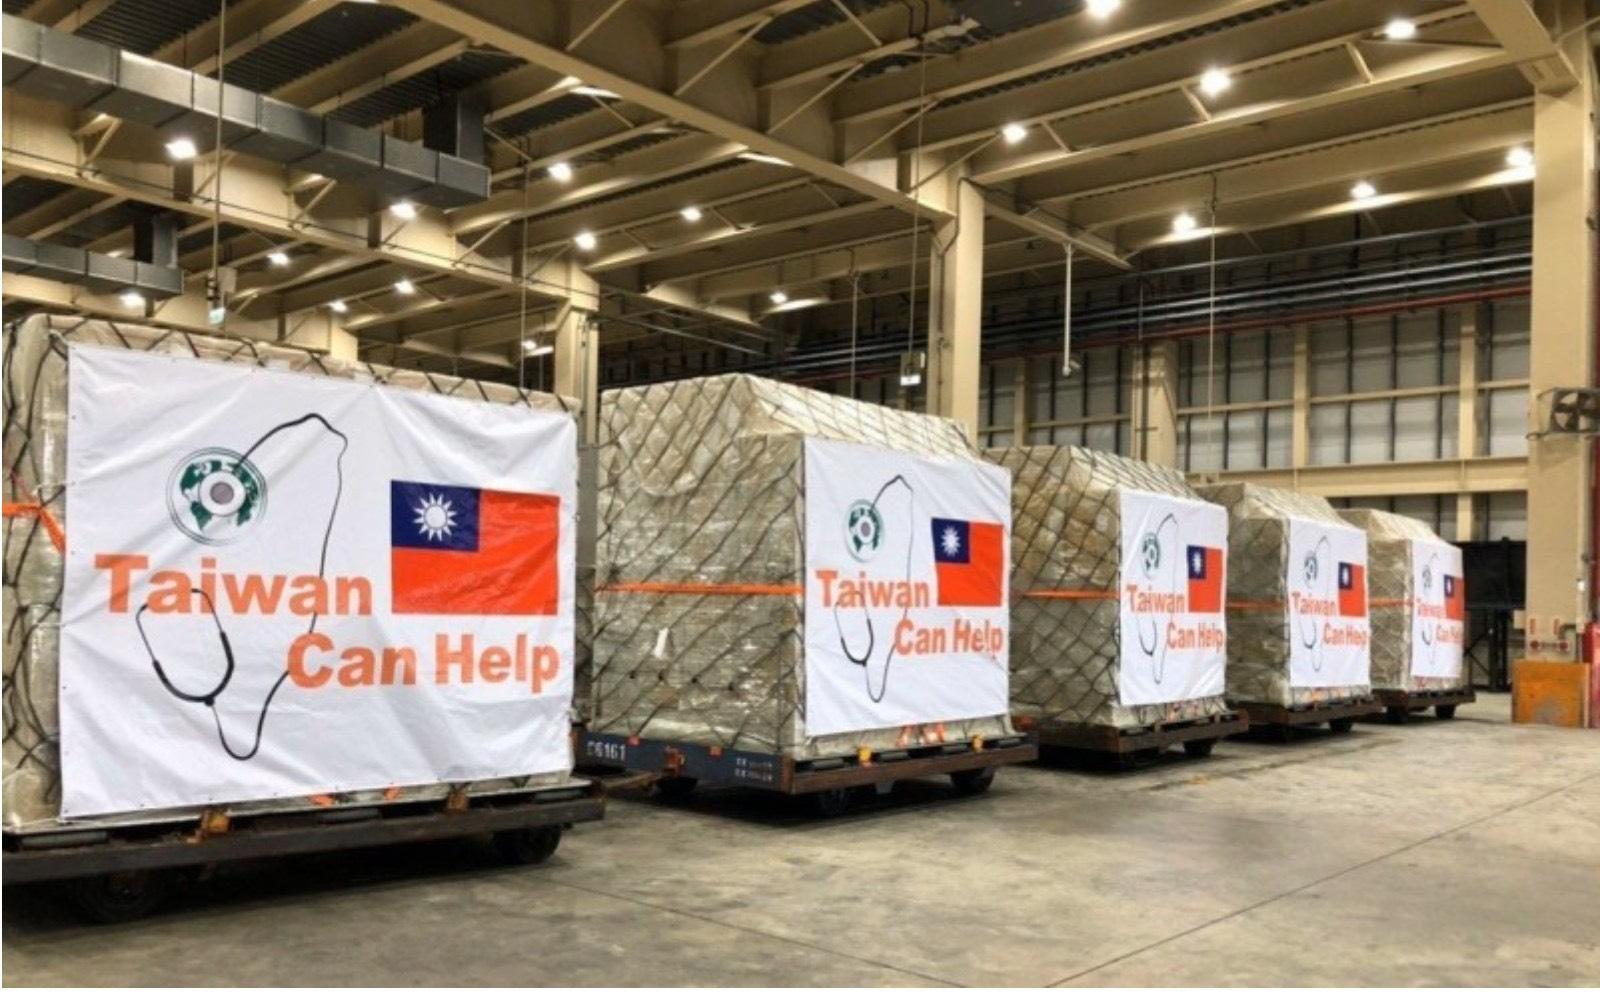 外交部今天宣布第二波国际援助,将捐6百万口罩给北中东欧、拉美、新南向等国。图为首批捐赠口罩运送情形